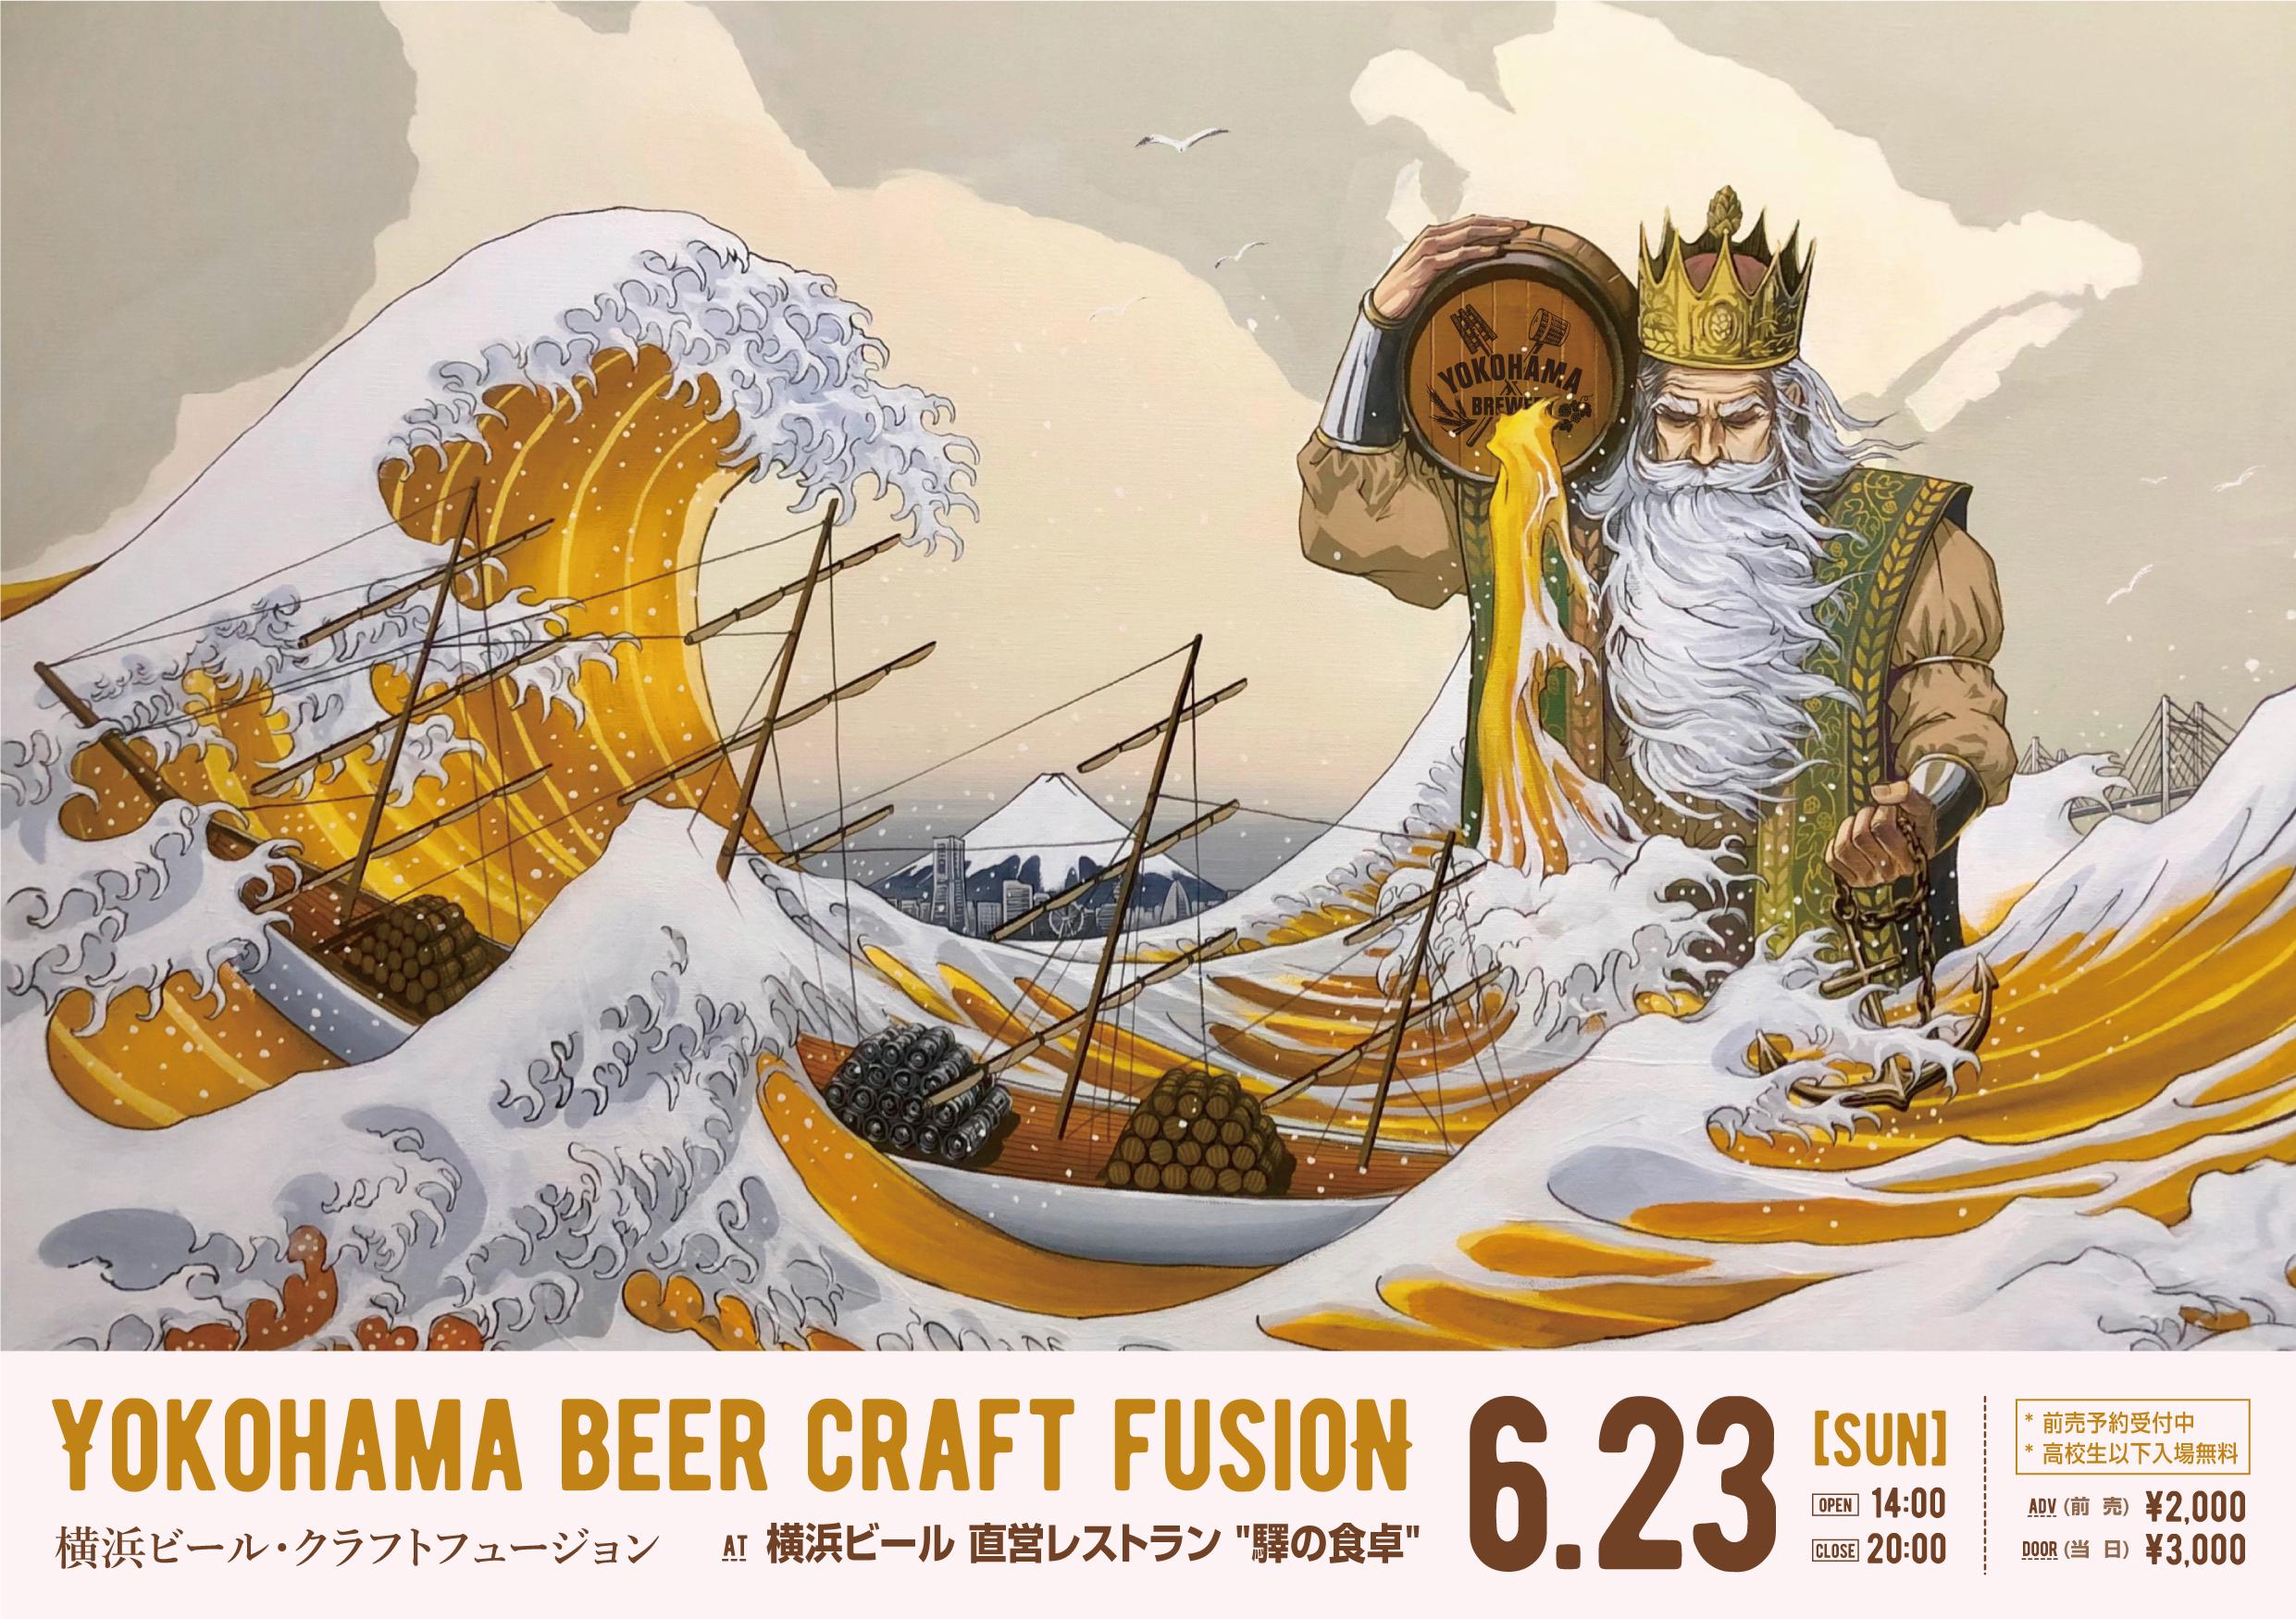 「KADOKAWA×横浜ビール」 横浜ビール直営2店舗にてコラボ企画実施!